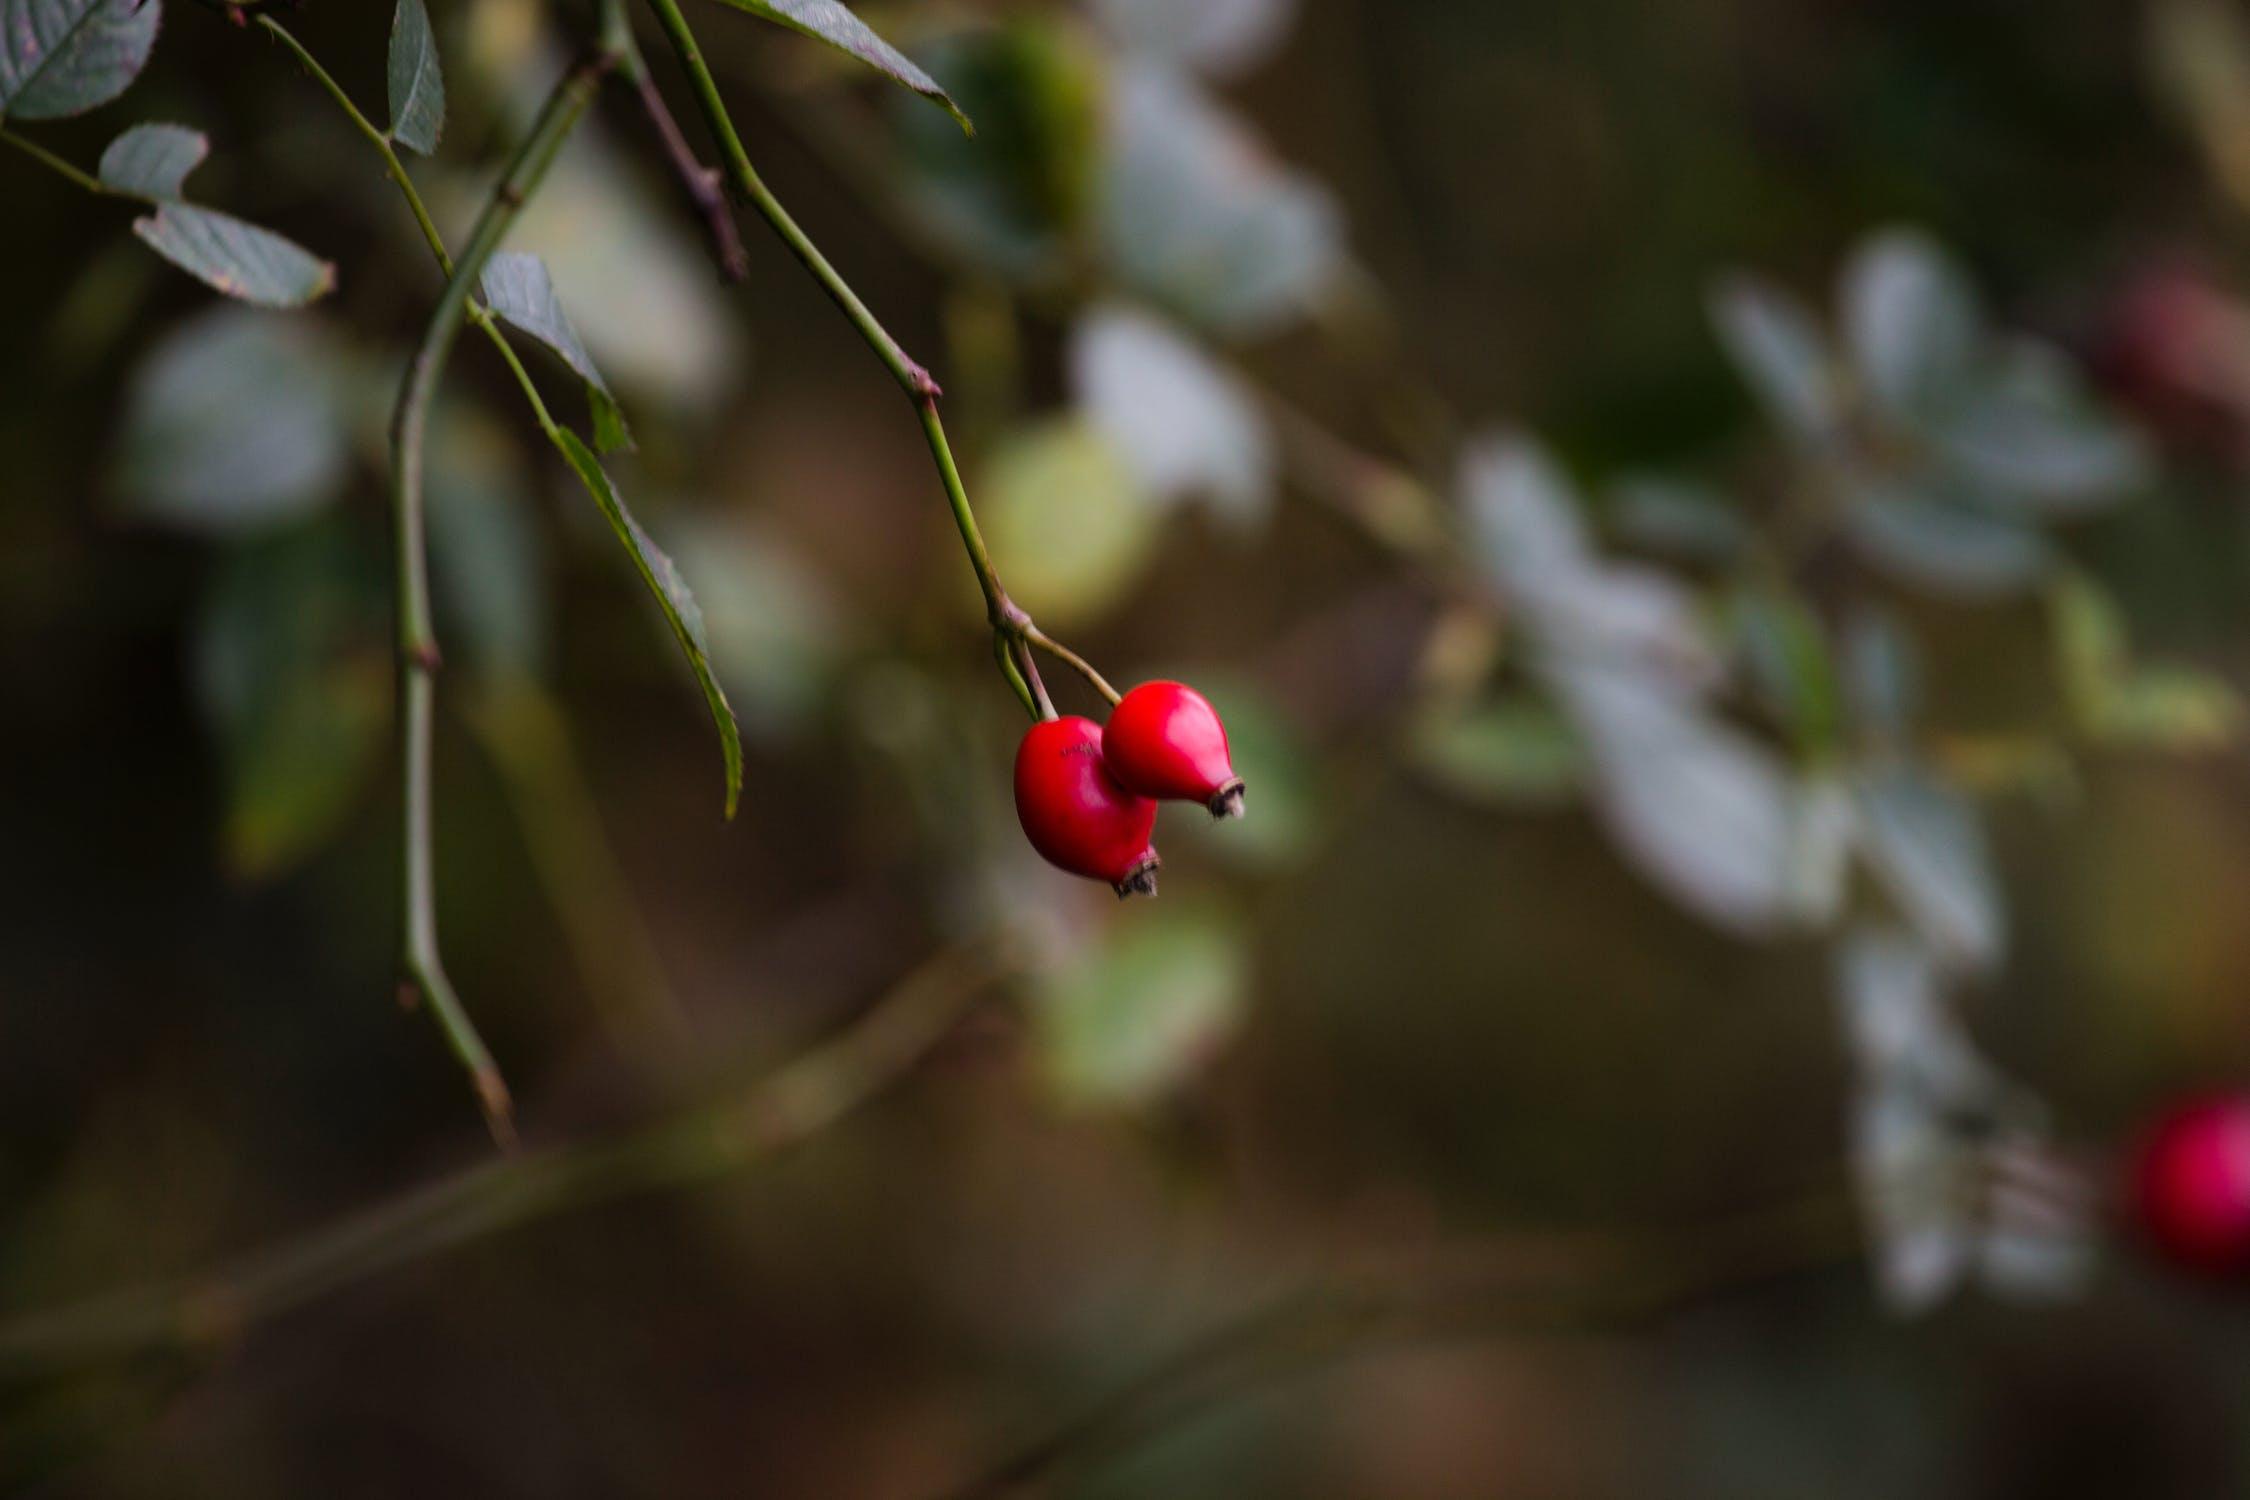 пряные вкусные красная ягода в лесу фото круг